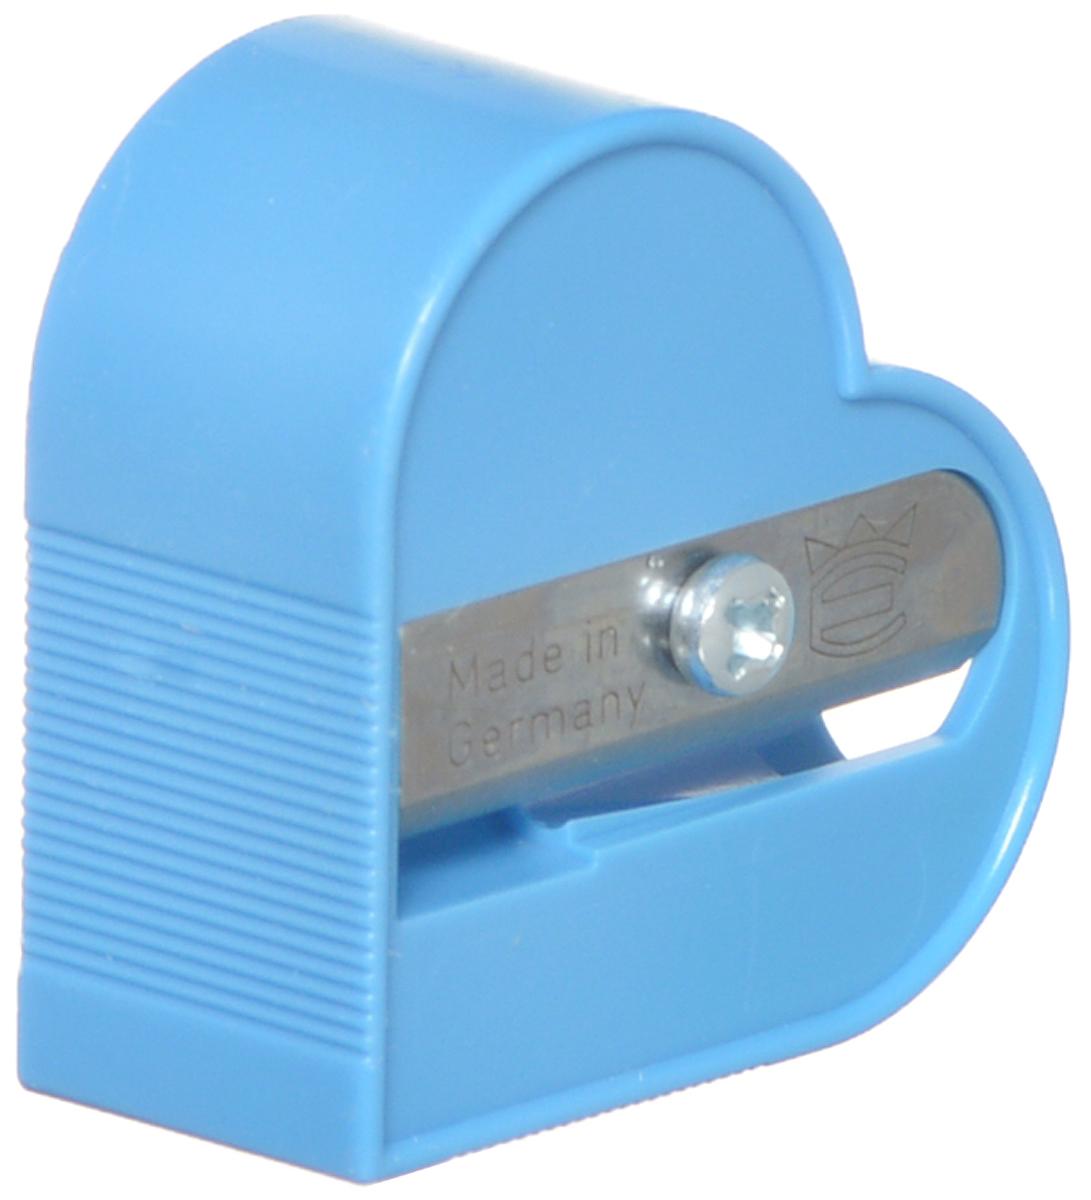 Eisen Точилка Сердце цвет голубой72523WDТочилка Eisen Сердце предназначена для затачивания классических простых и цветных карандашей.Точилка изготовлена из качественного материала и имеет рельефную область захвата. Острые лезвия обеспечивают высококачественную и точную заточку карандашей.